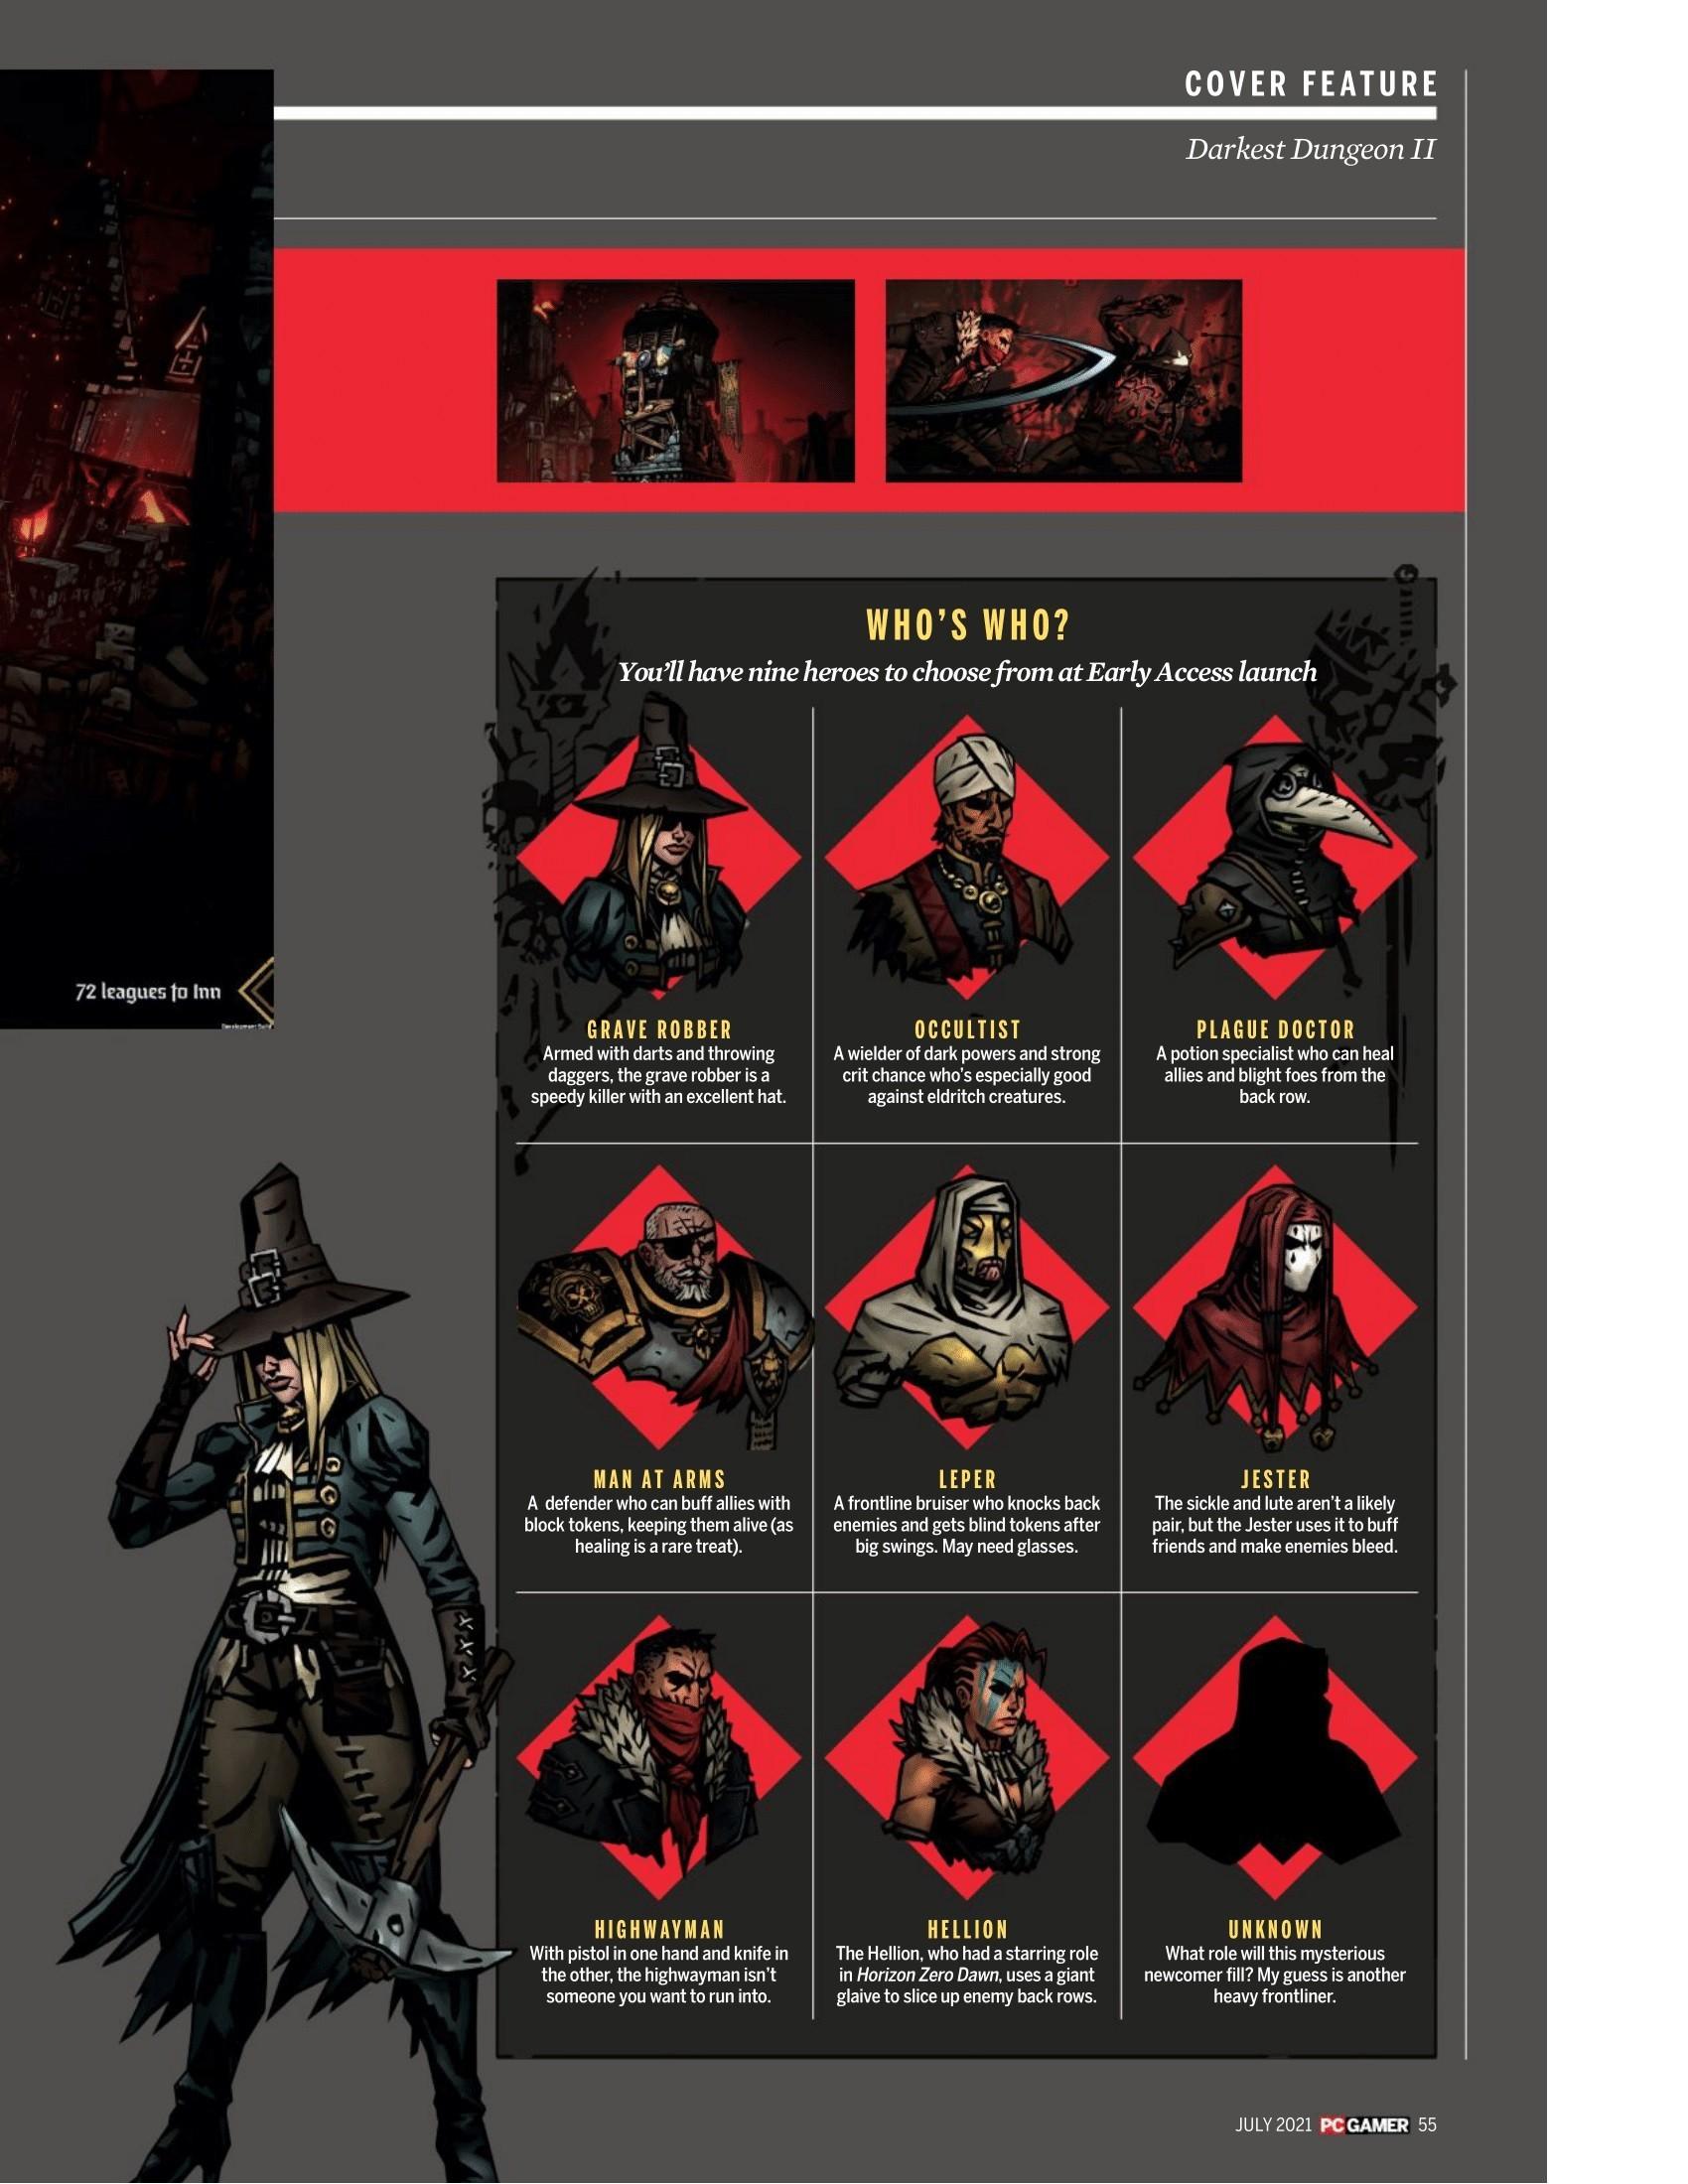 Разработчики анонсировали ранний доступ для Darkest Dungeon 2